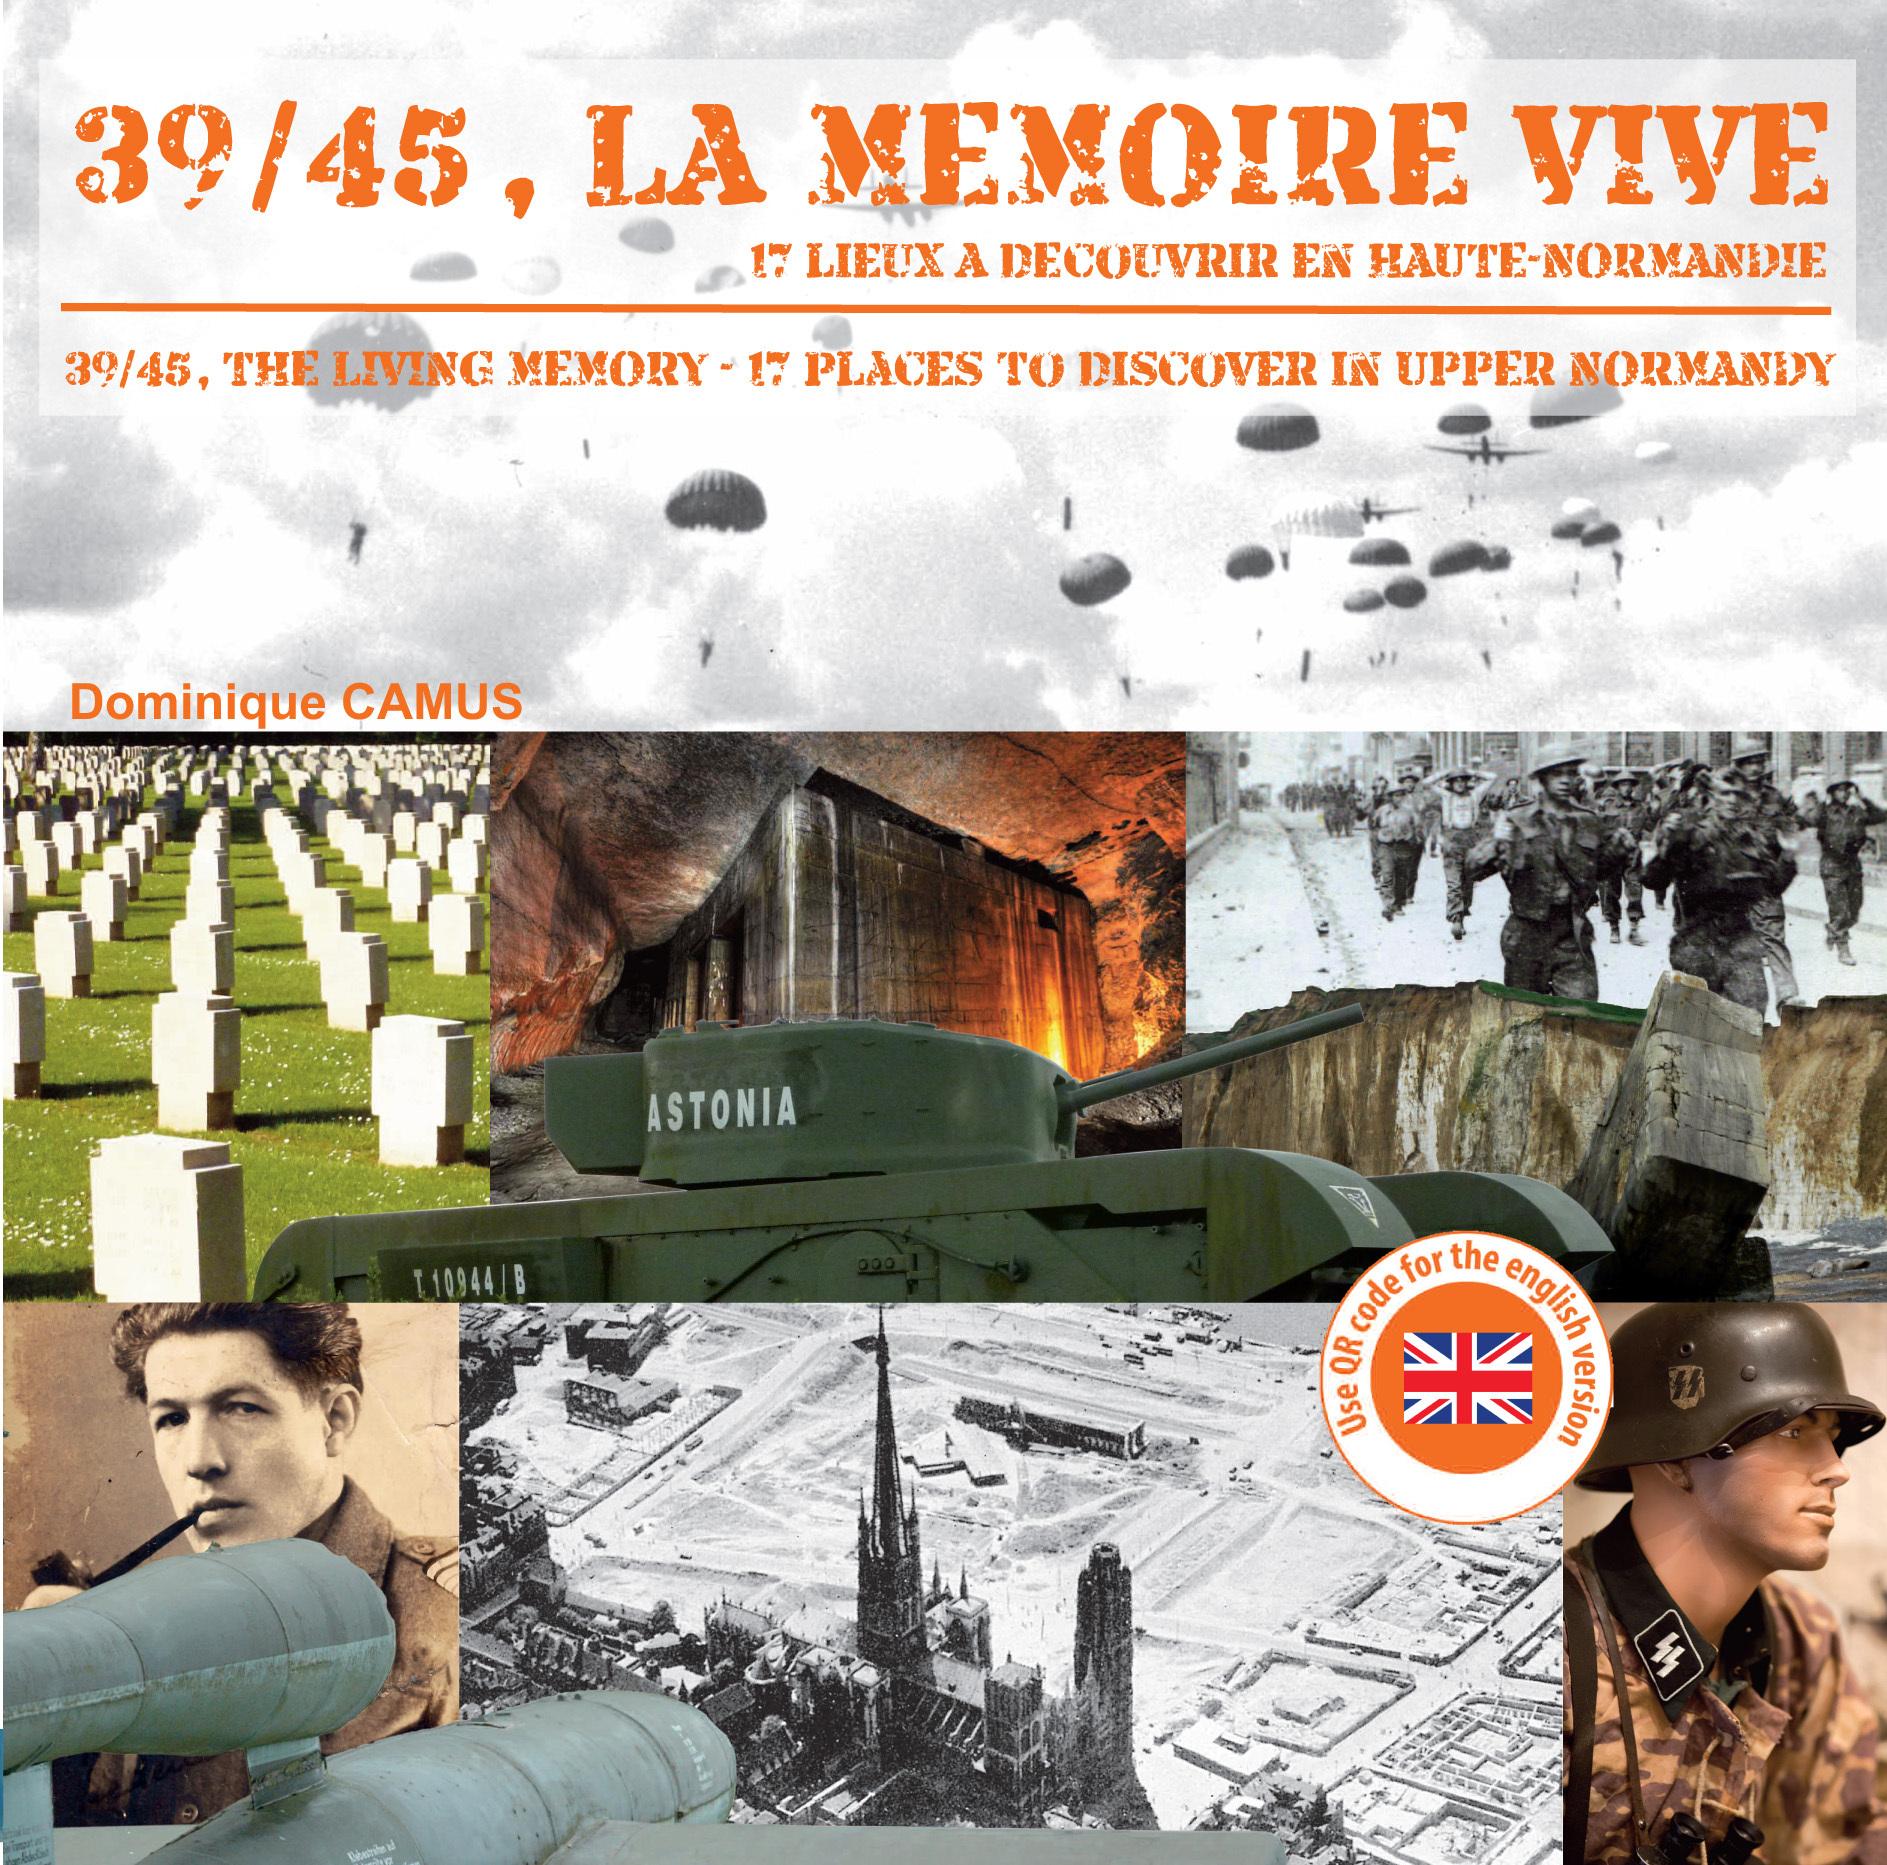 39/45, LA MEMOIRE VIVE - 17 LIEUX A DECOUVRIR EN HAUTE-NORMANDIE